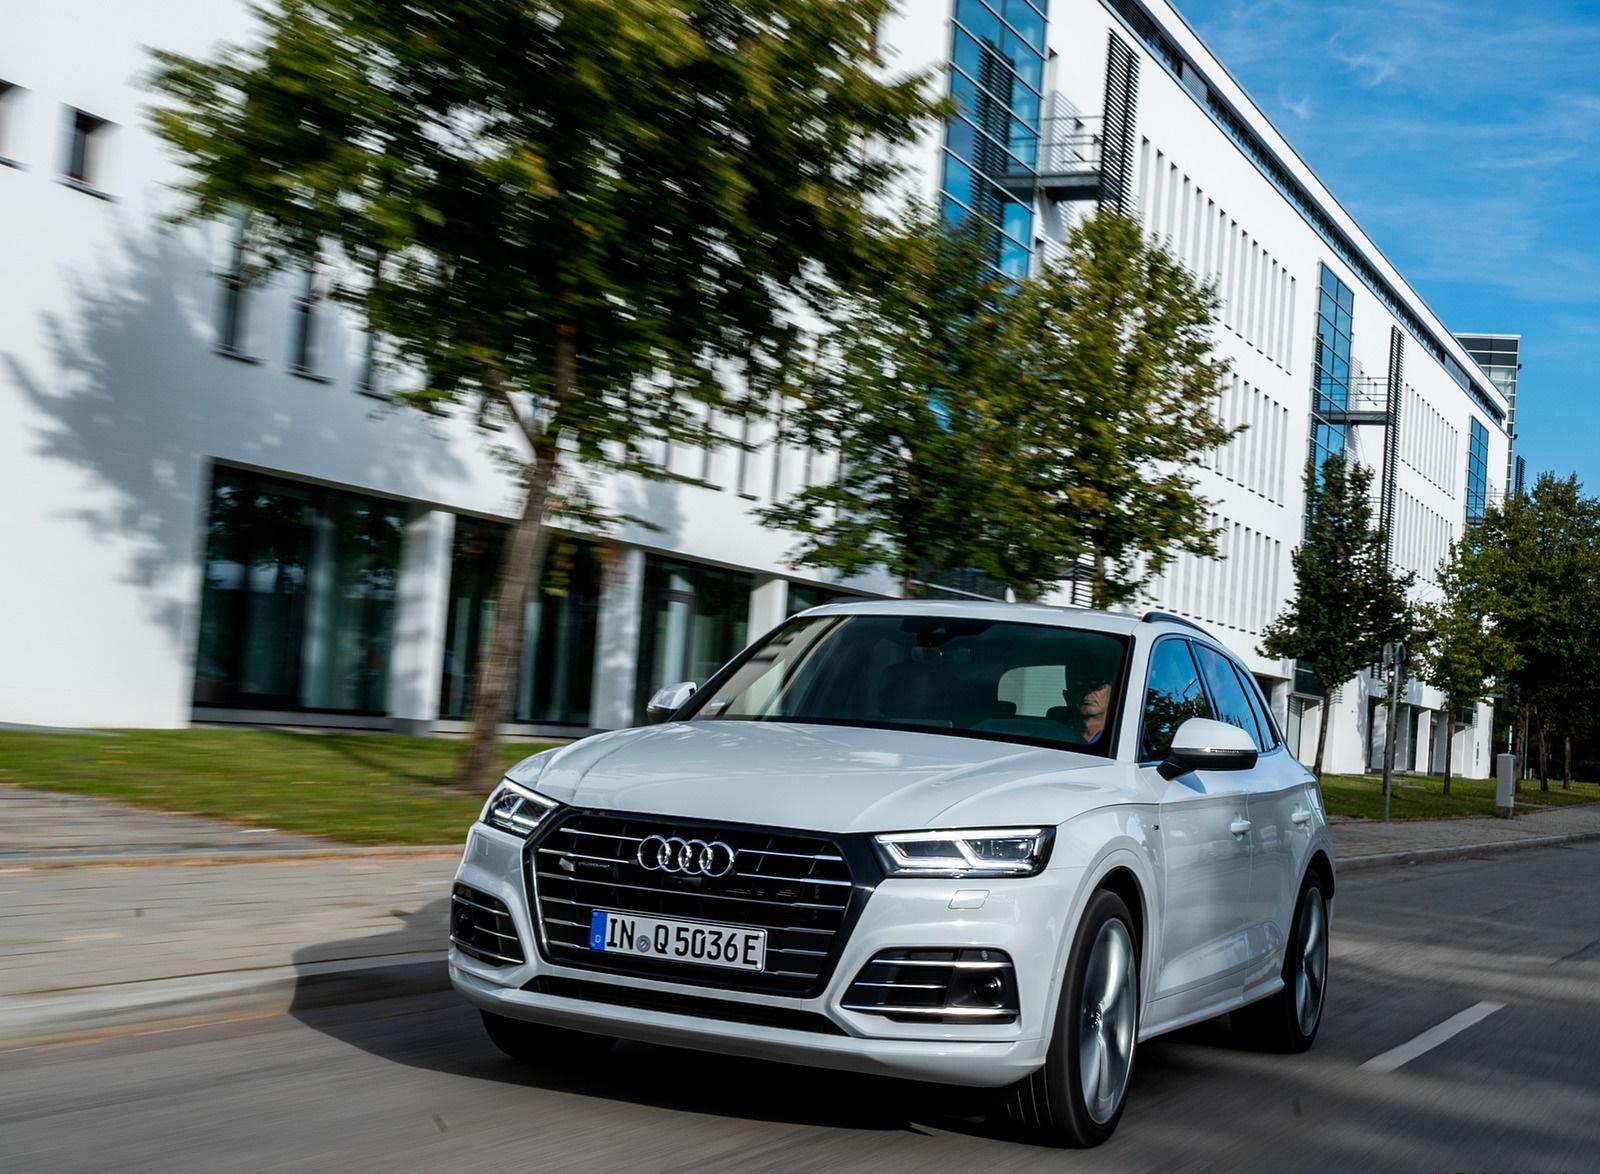 2020 Audi Q5 TFSI e Plug-In Hybrid (Color: Glacier White) Front Three-Quarter Wallpapers (7)